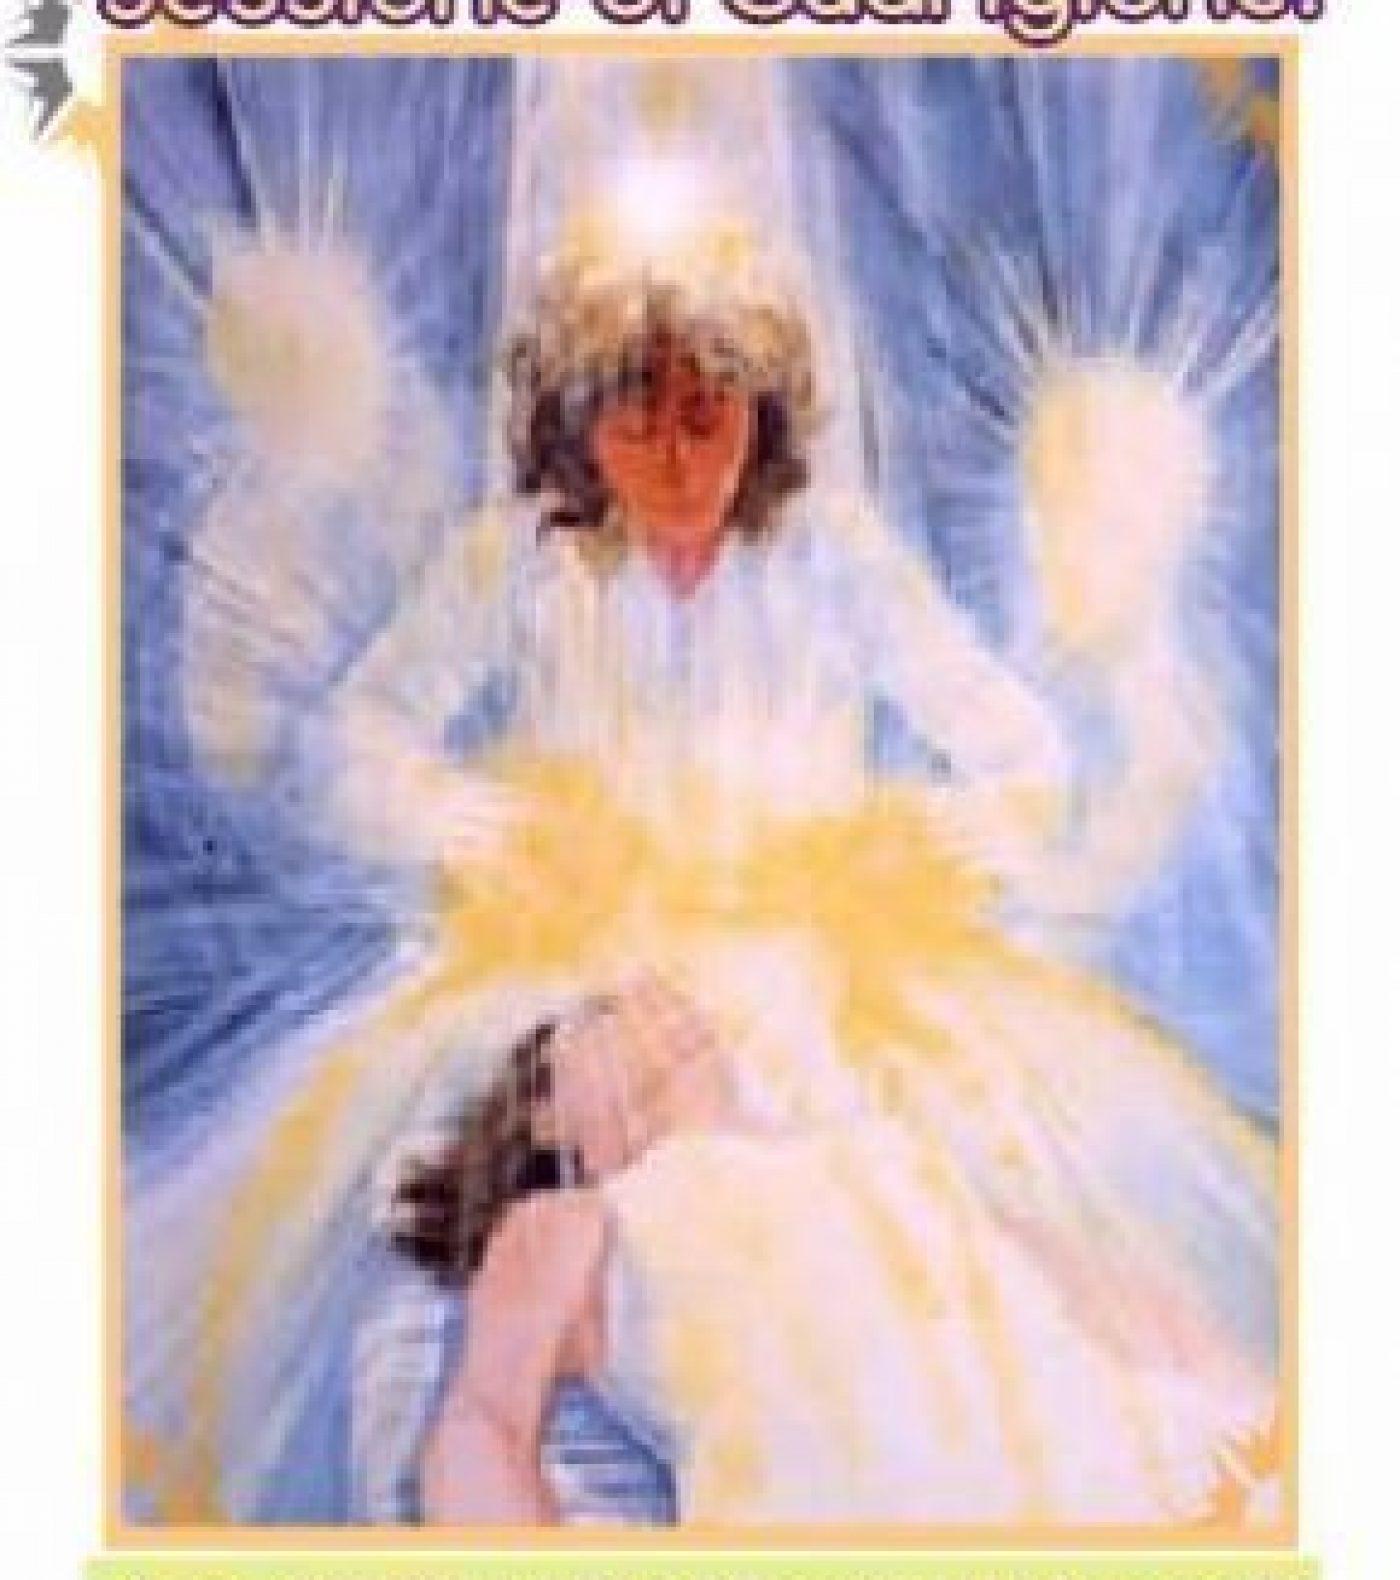 SESSIONE DI GUARIGIONE ENERGETICA A DISTANZA O DI PERSONA CON LE NUOVE FREQUENZE DI LUCE E GLI ANGELI.